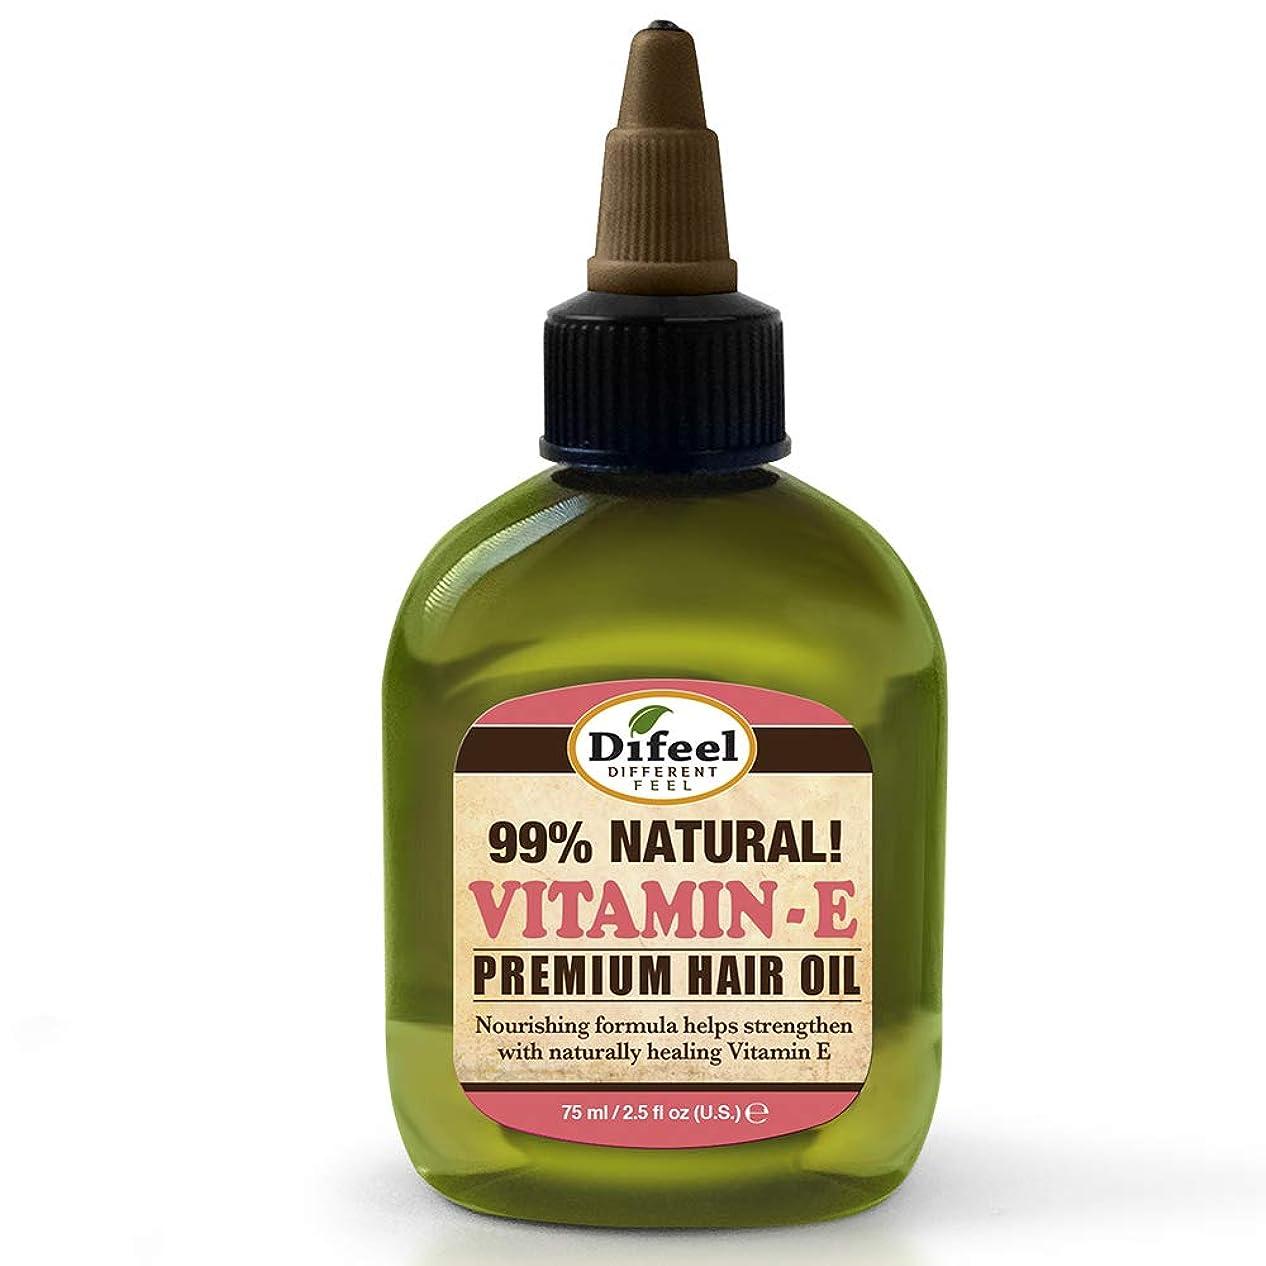 値犯罪甘やかすDifeel ビタミンEオイルプレミアムナチュラルヘアオイル70g(6パック)